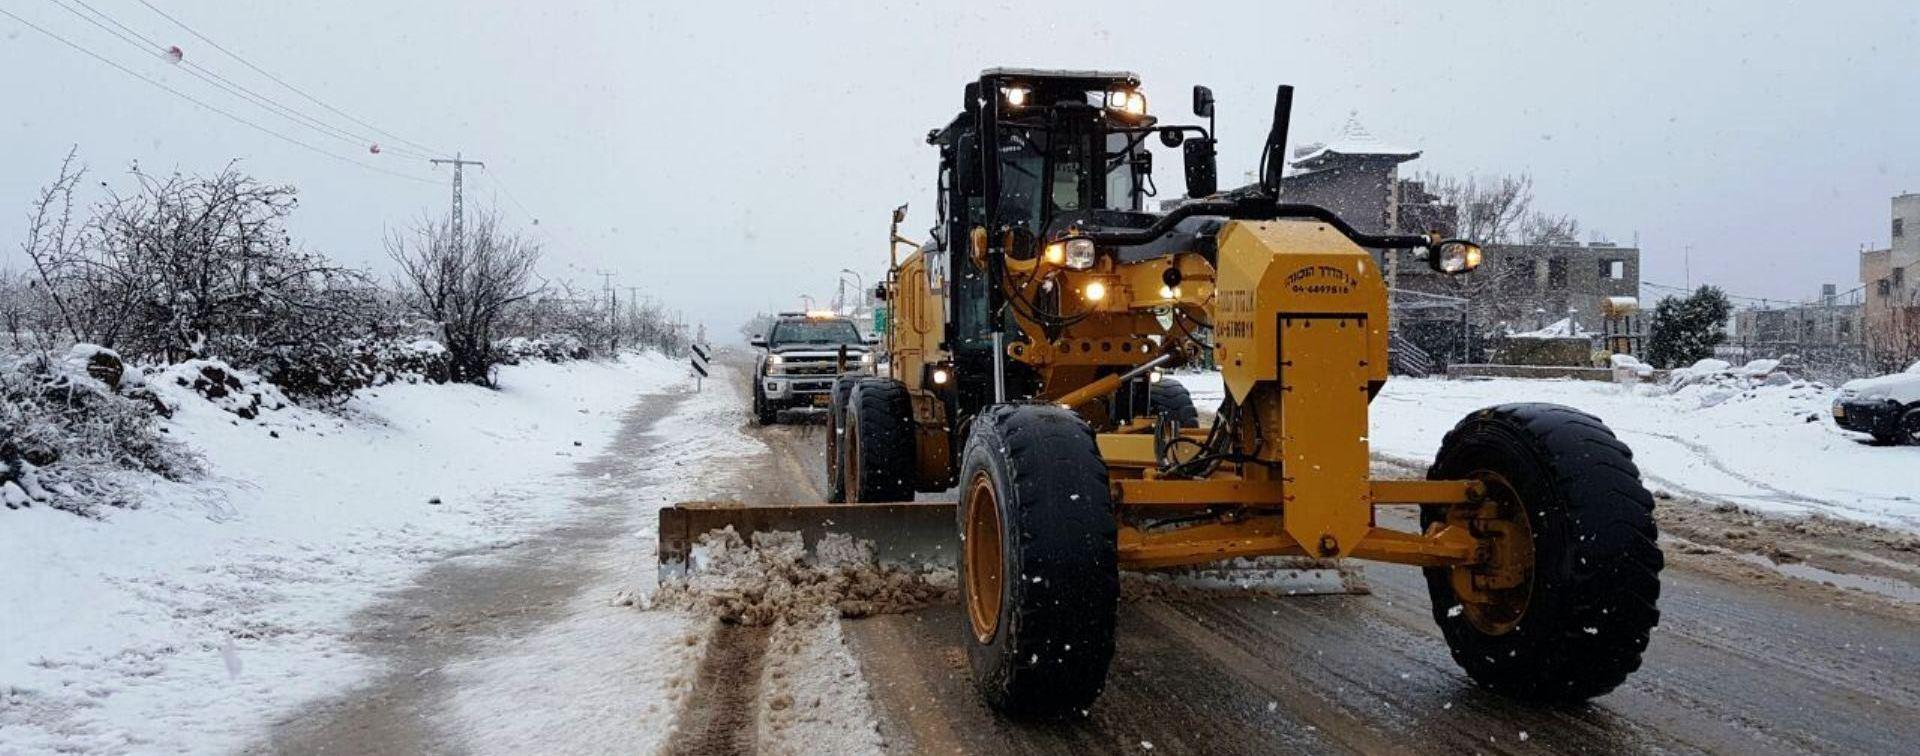 מפלסים את השלג בכבישי צפון רמת הגולן